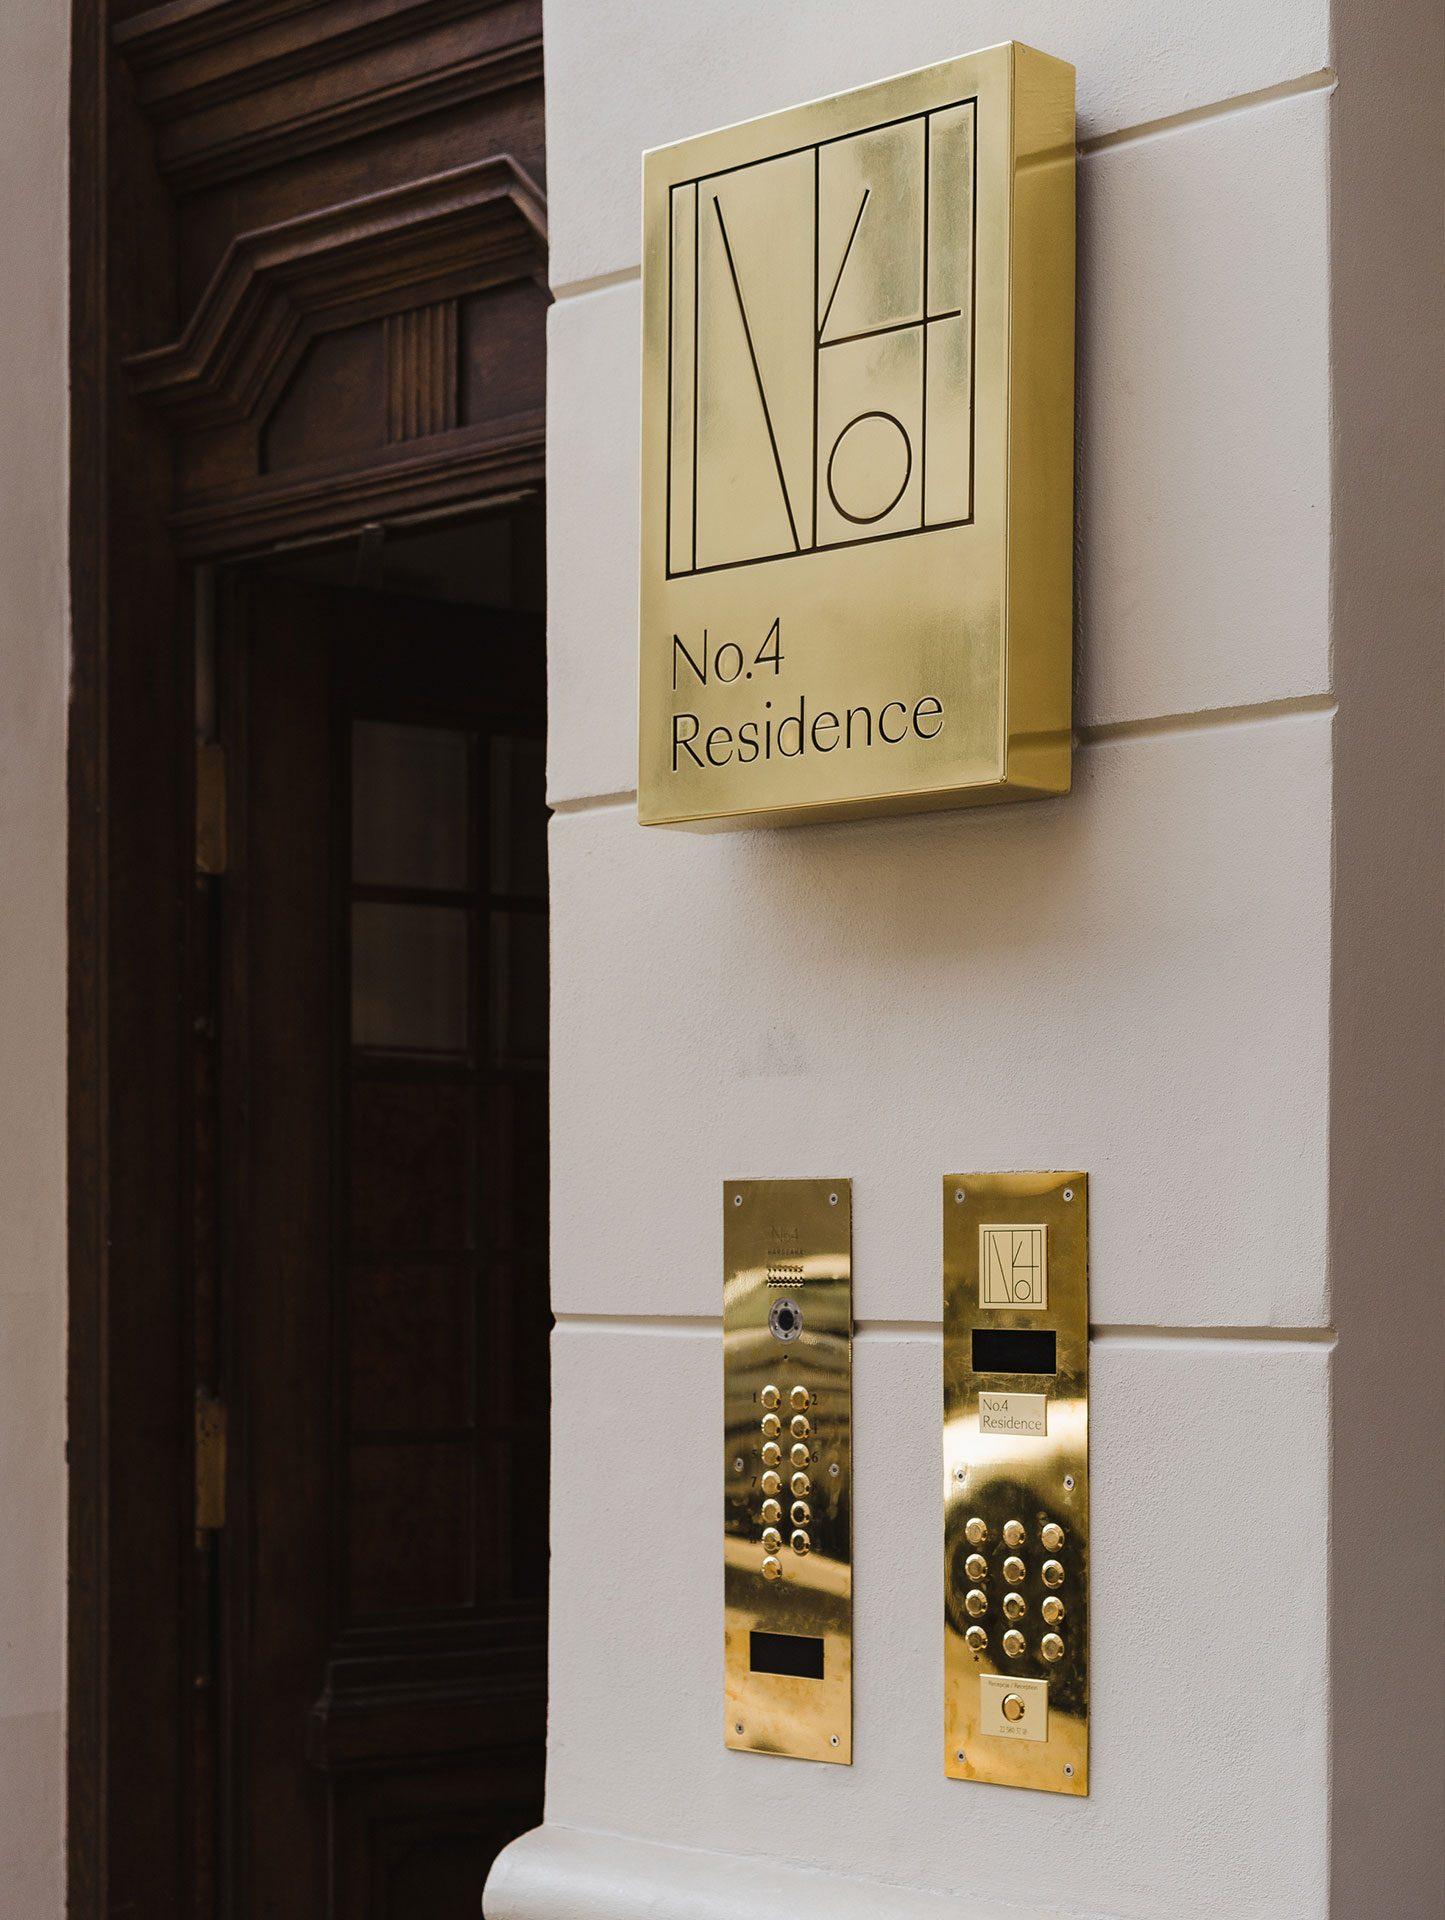 No4 Residence Wejście